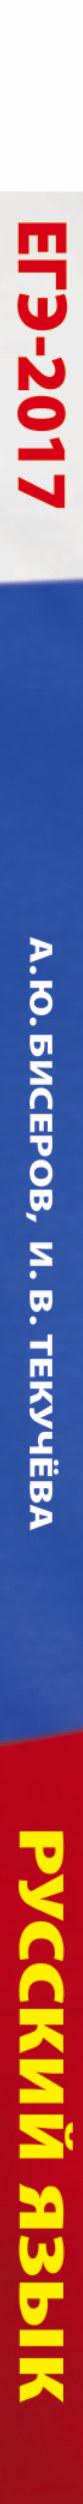 ЕГЭ-2017. Русский язык. 10 тренировочных вариантов экзаменационных работ для подготовки к единому государственному экзамену